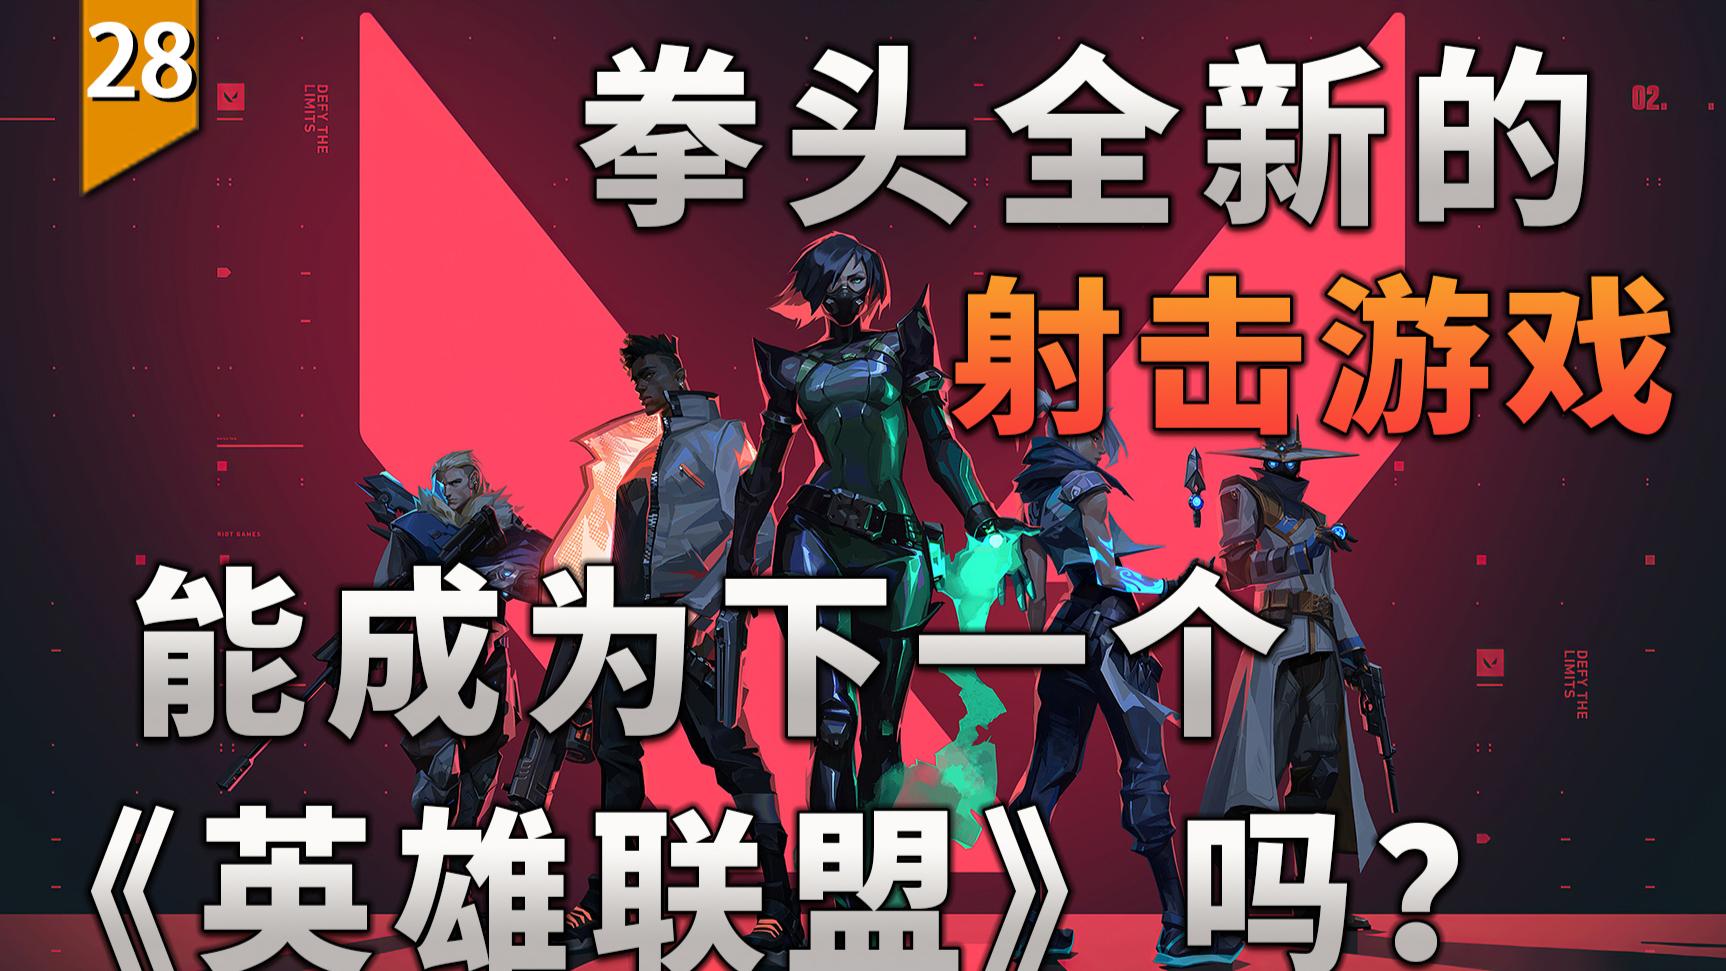 拳头全新的射击游戏,会成为下一个《英雄联盟》吗?〖游戏不止〗